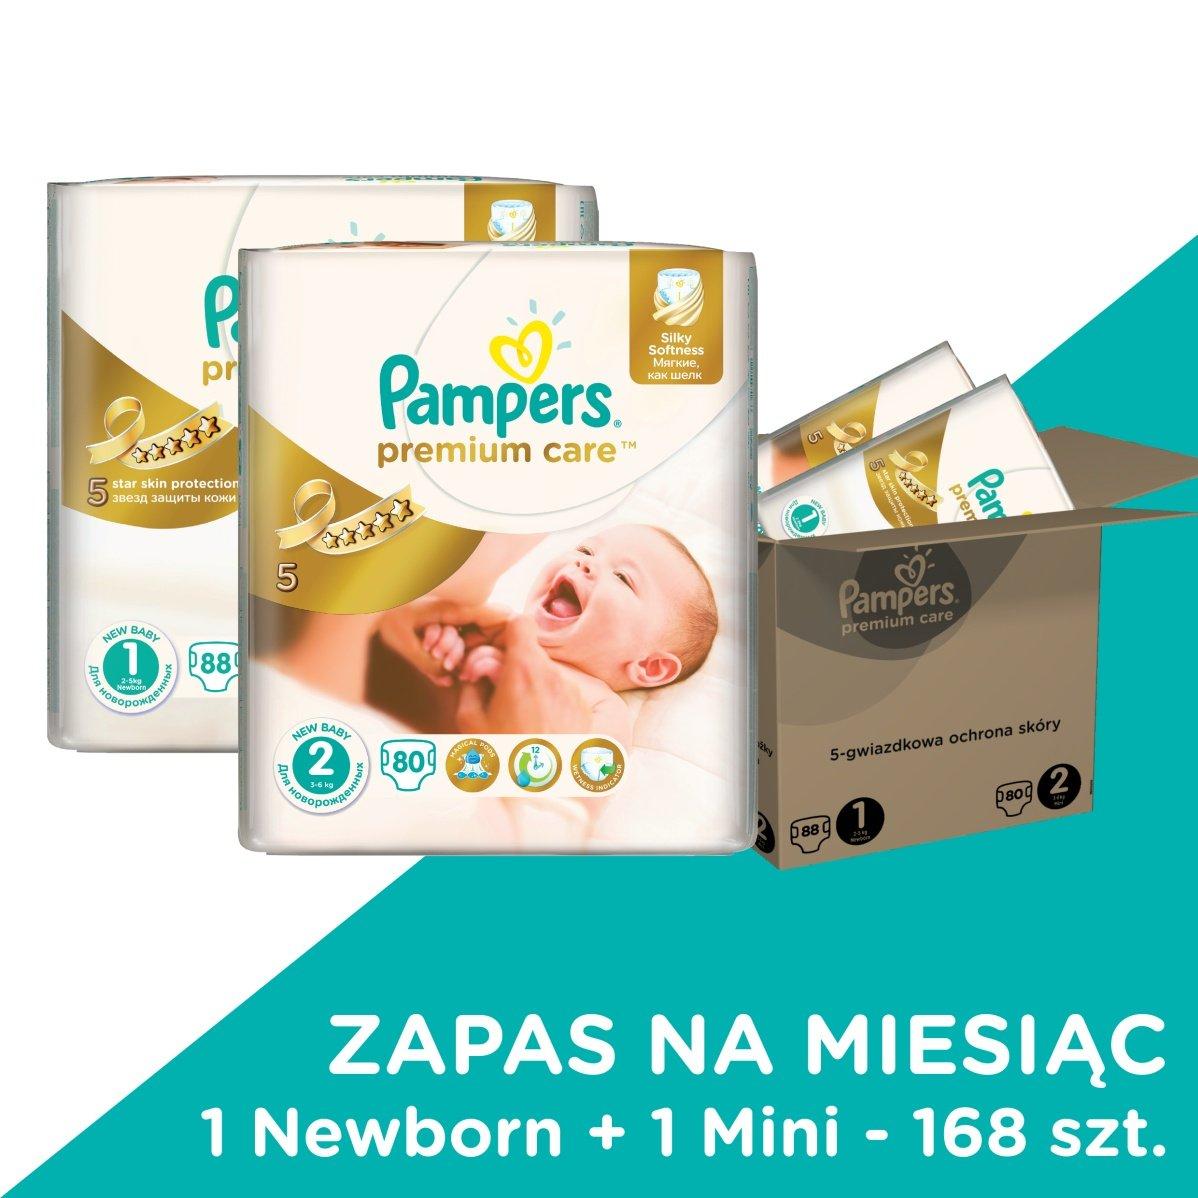 Pampers, Premium Care, Mega Box, Pieluchy jednorazowe, New Born, 2-5 kg, oraz Mini, 3-6 kg, Zapas na miesiąc, 168 szt.